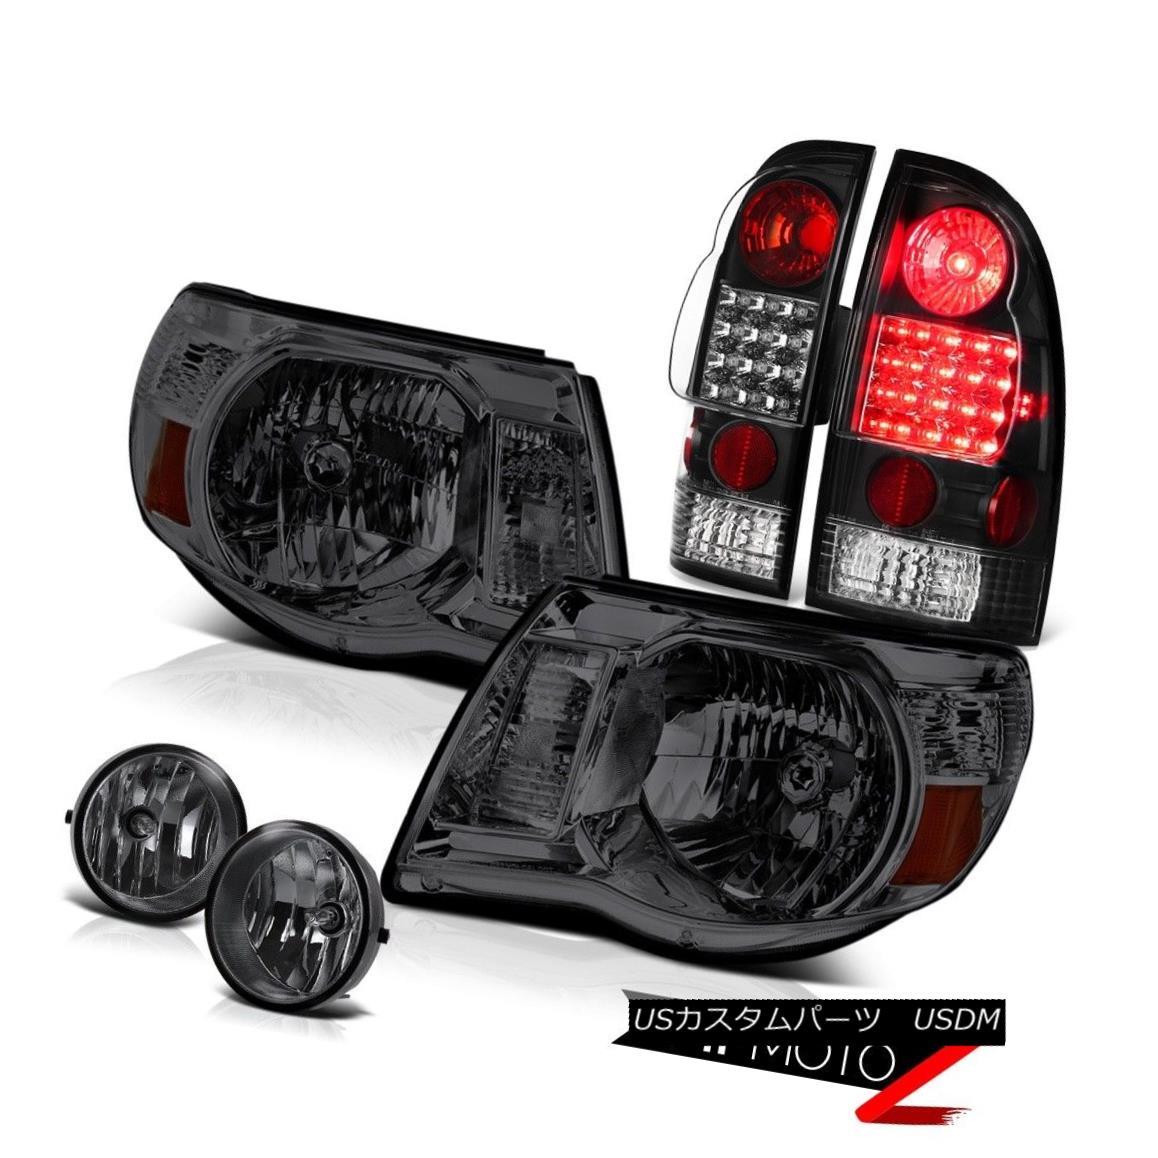 ヘッドライト Dark Smoke Headlights Black LED Brake Lamps Tint Fog 05 06 07 08 09 10 11 Tacoma ダークスモークヘッドライトブラックLEDブレーキランプティントフォグ05 06 07 08 09 10 11タコマ